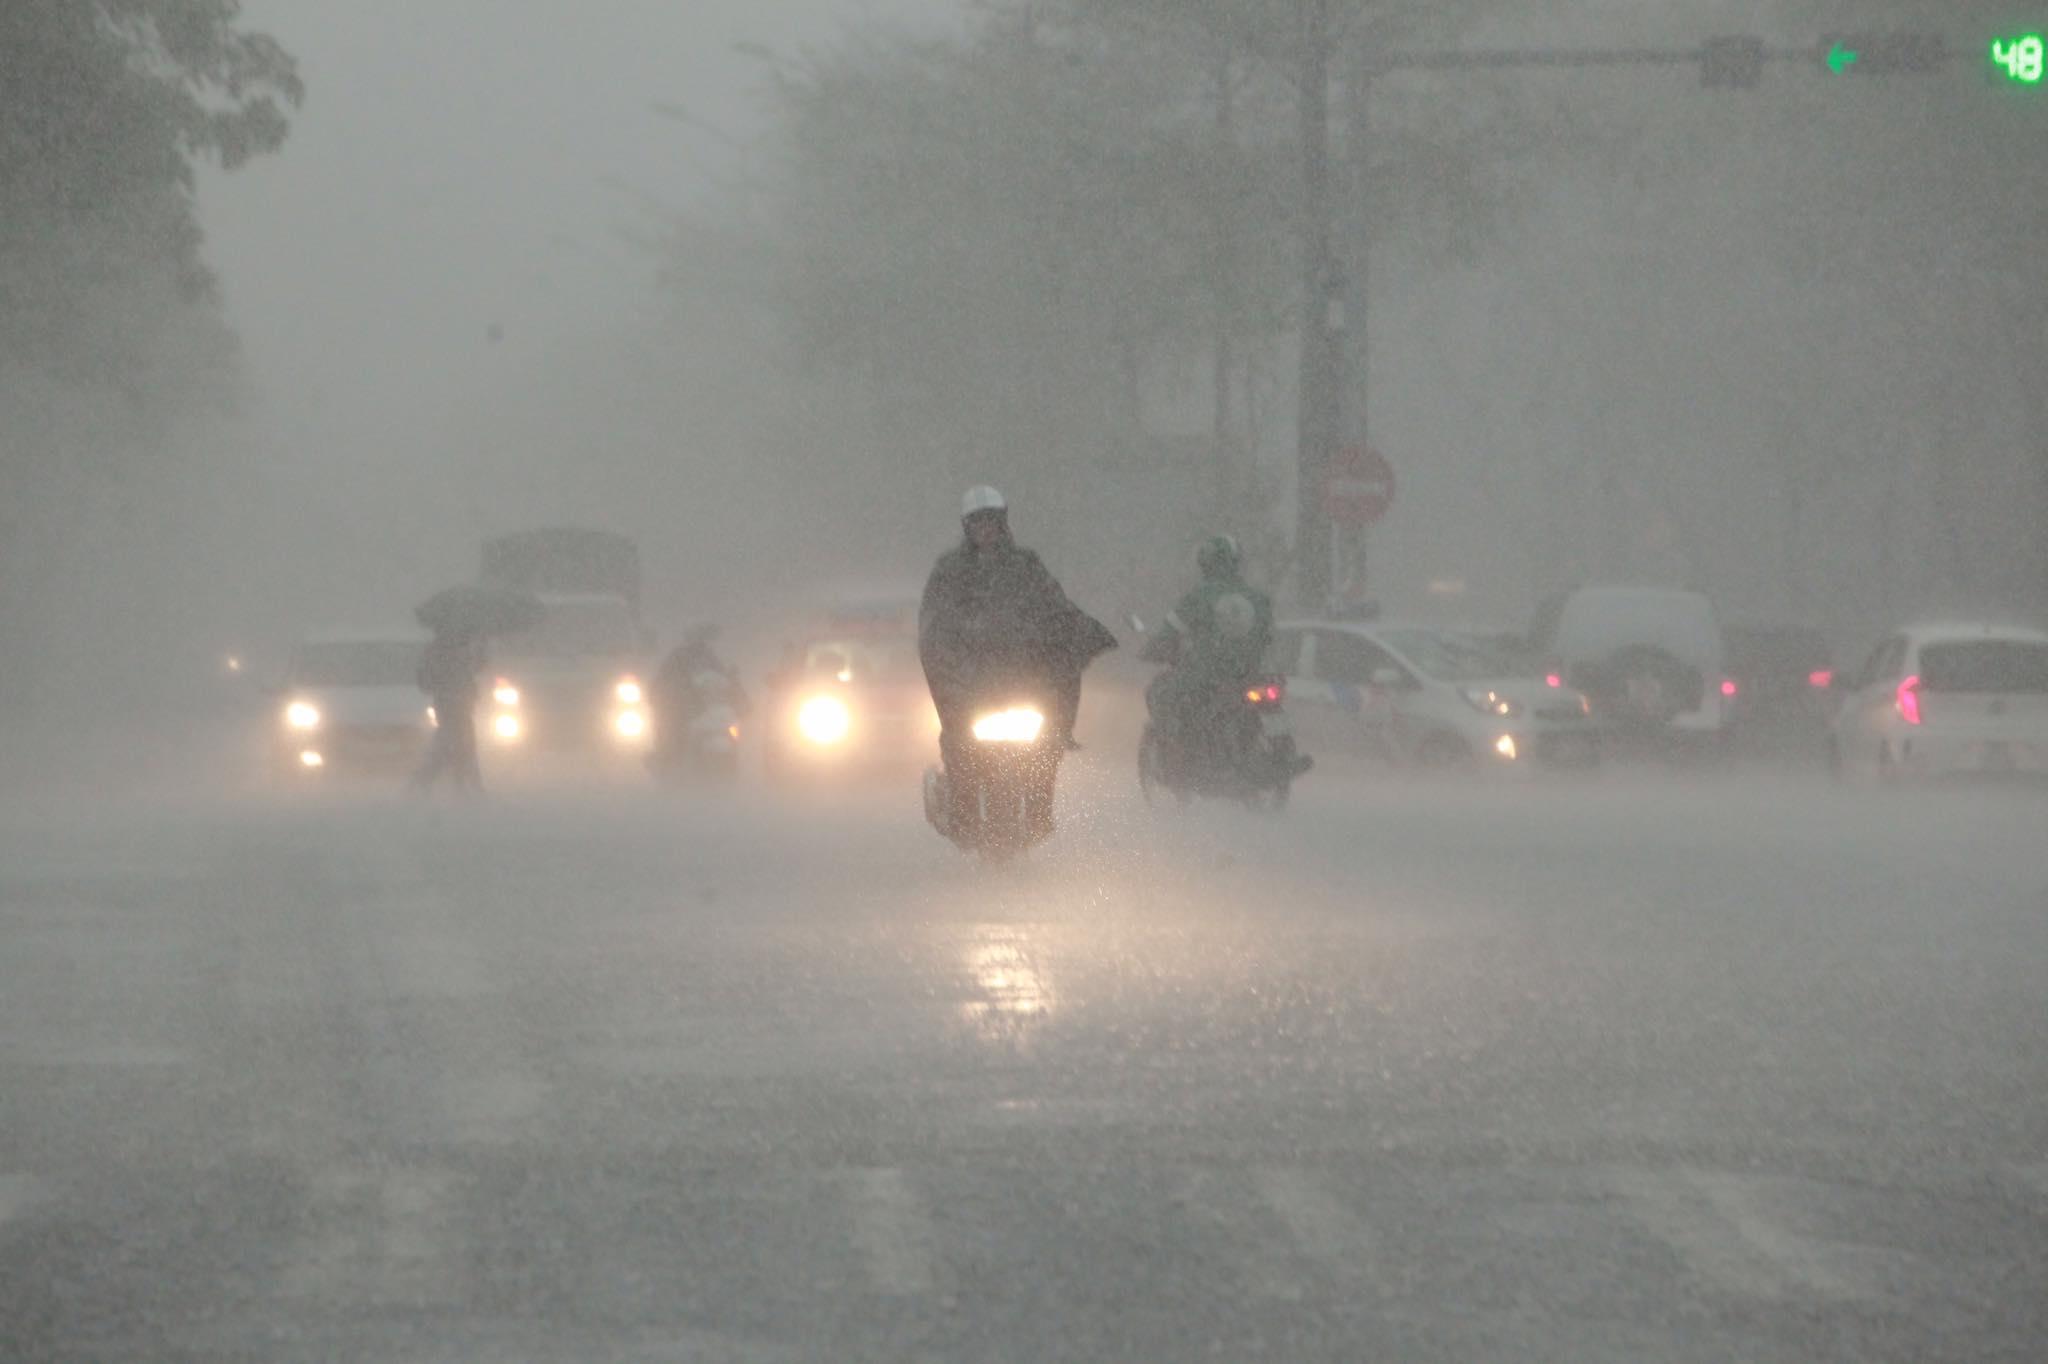 Bão số 2 đi qua, miền Bắc tiếp tục mưa lớn kéo dài nhiều ngày tới - 1